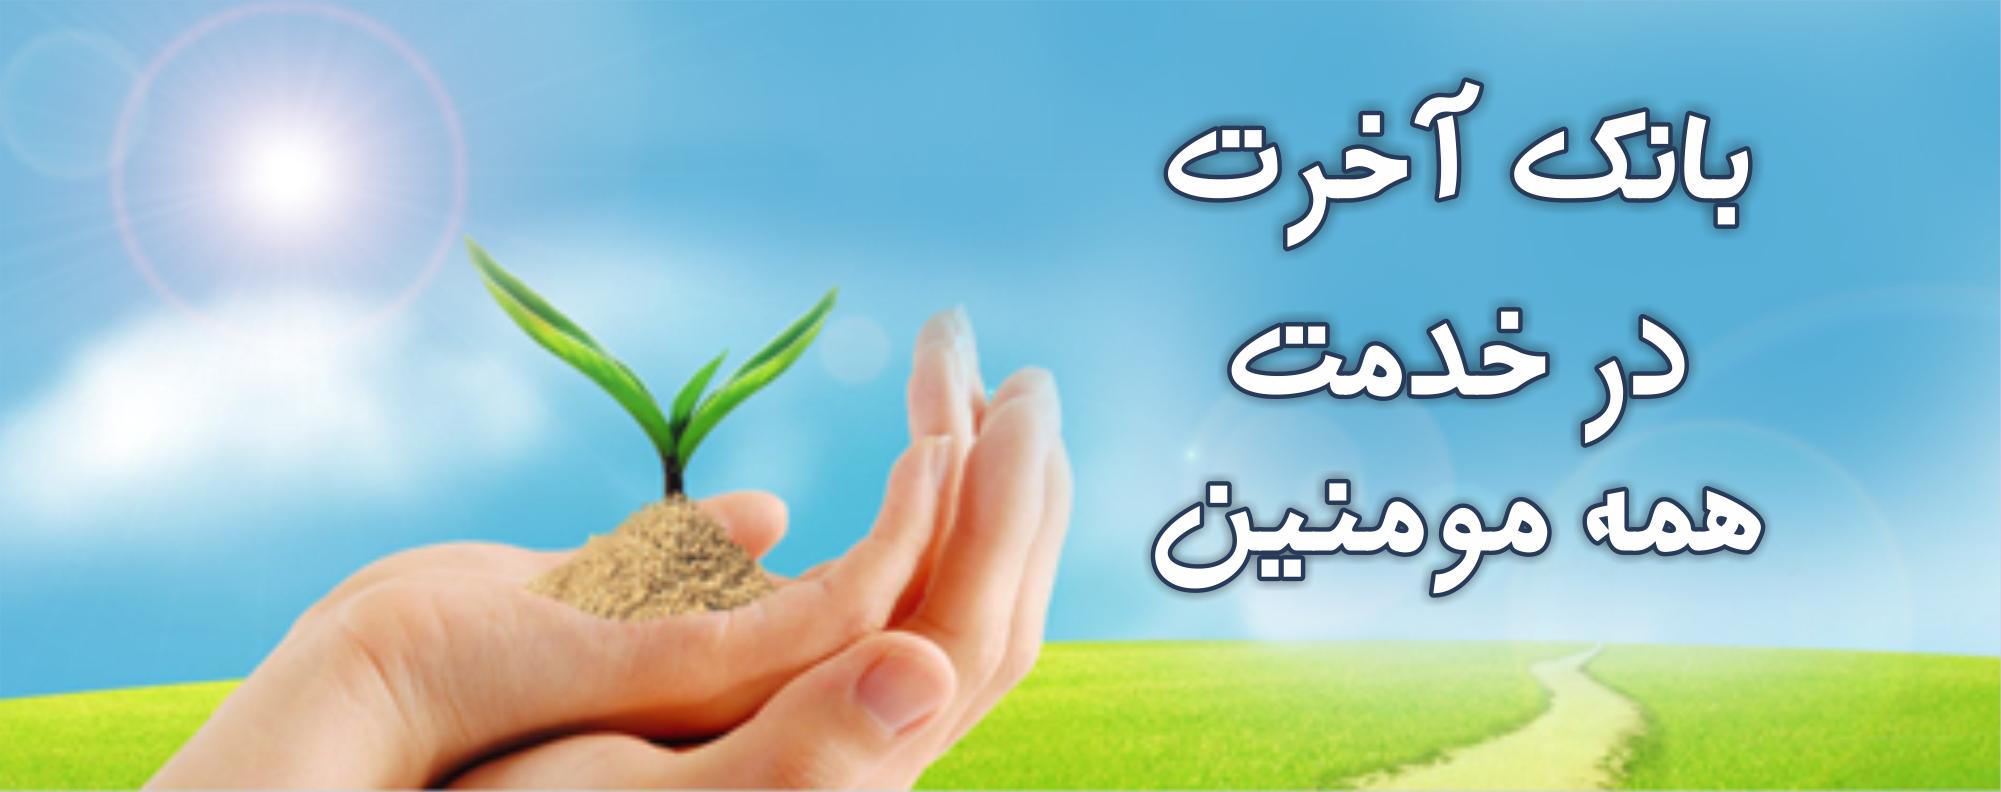 header_donatioer_farsi.png